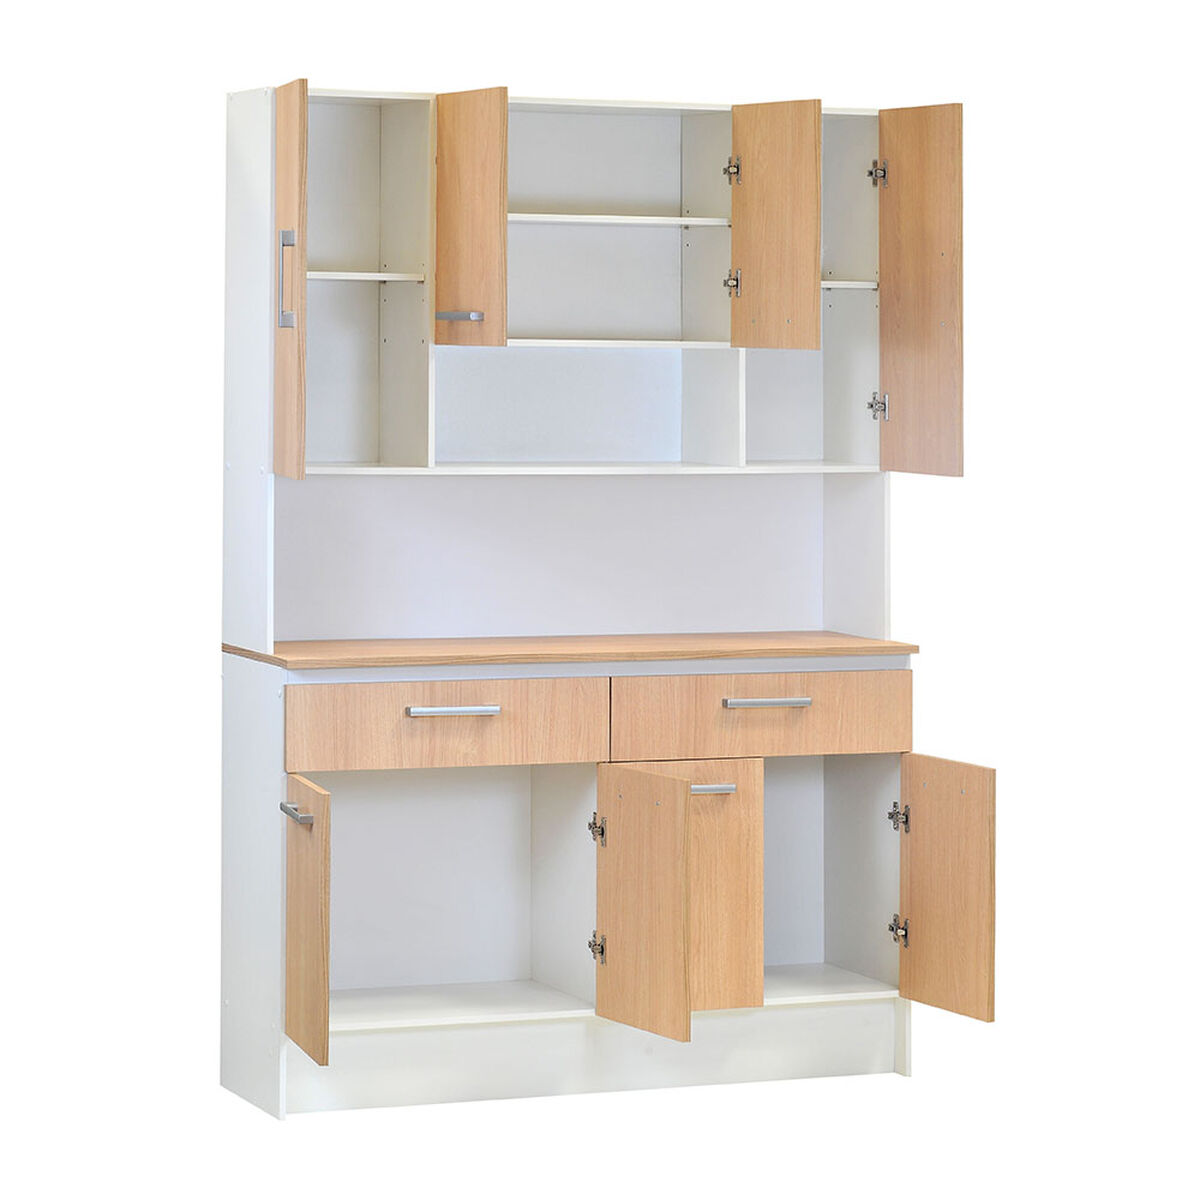 Mueble de Cocina Compacto 120